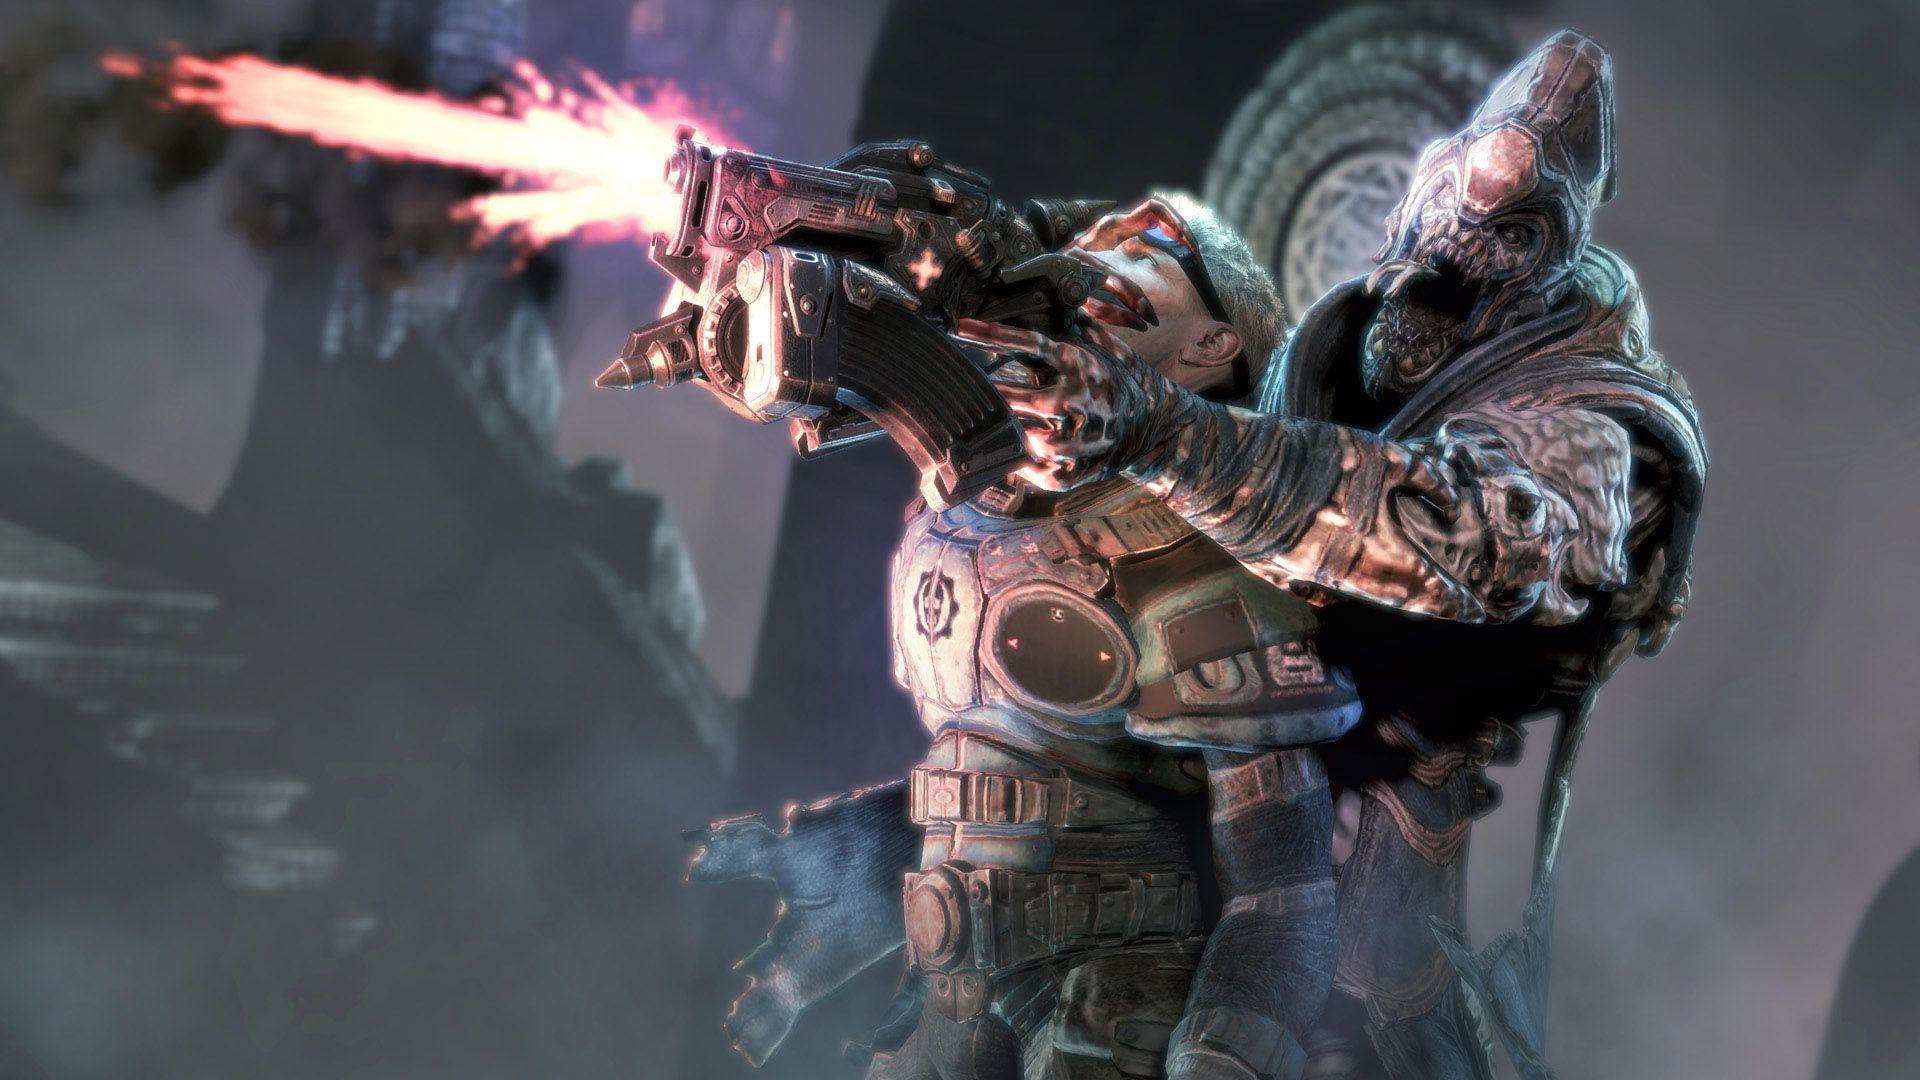 Artwork Gears Of War 4 Videogames Pinterest Videogames